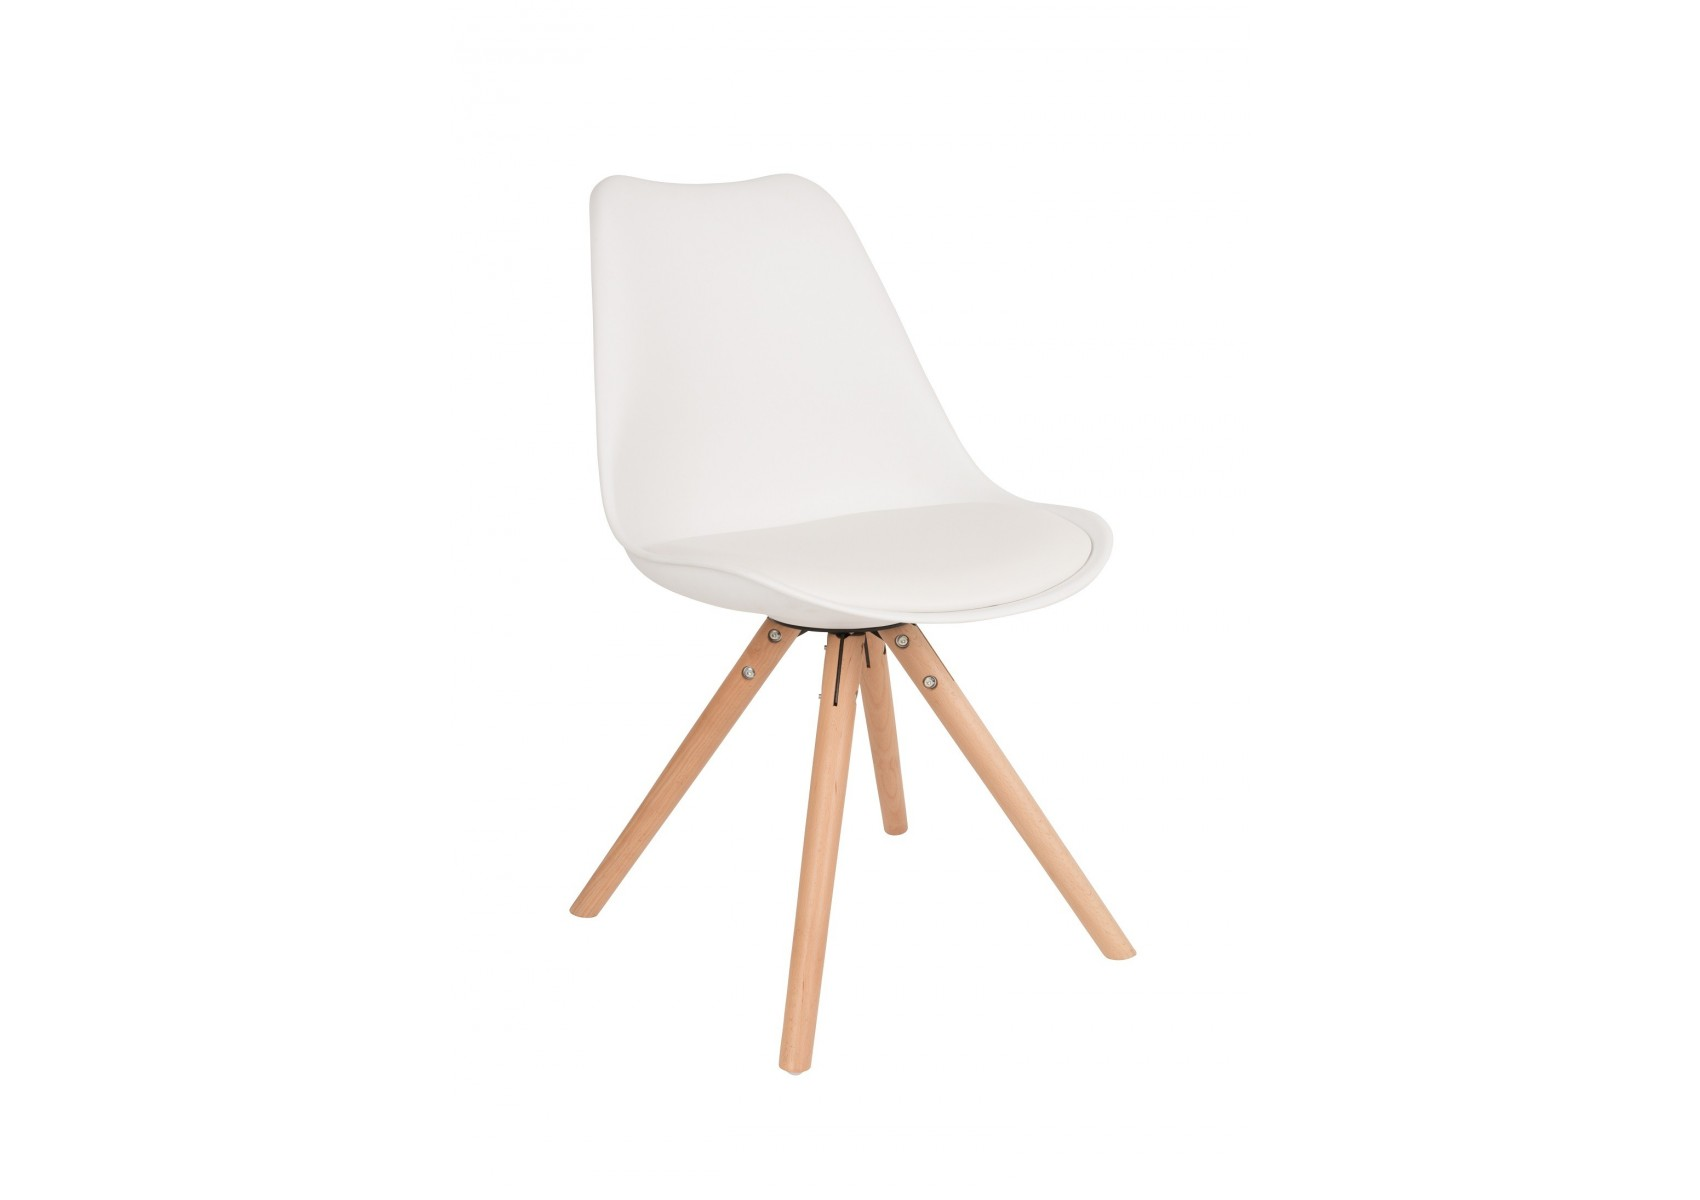 Chaise design tryck scandinave pied bois en lot de deux - Chaises design scandinave ...